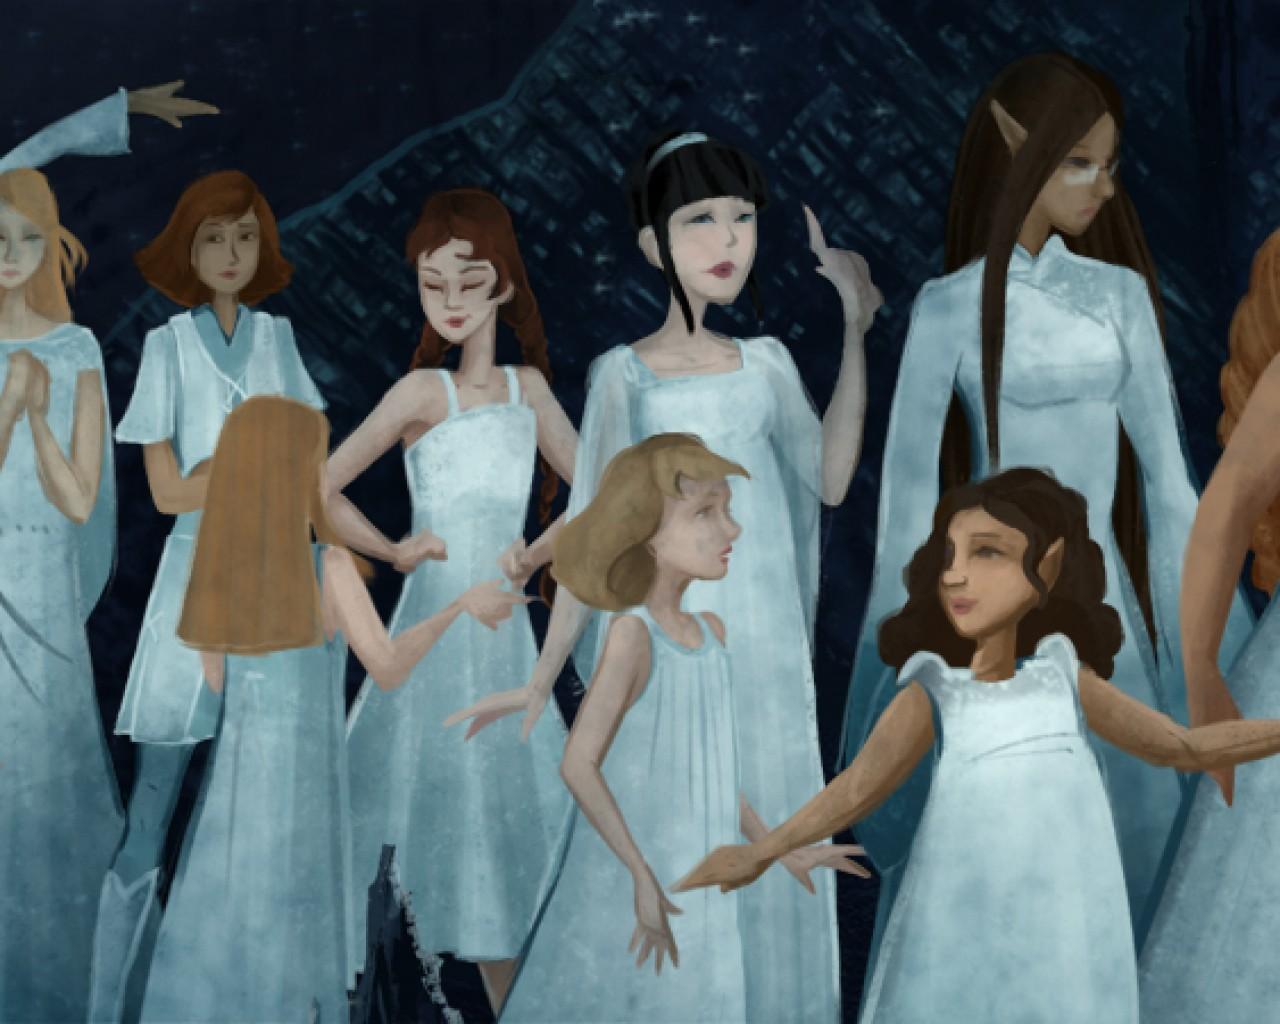 Poster Image for The Crystal Saga